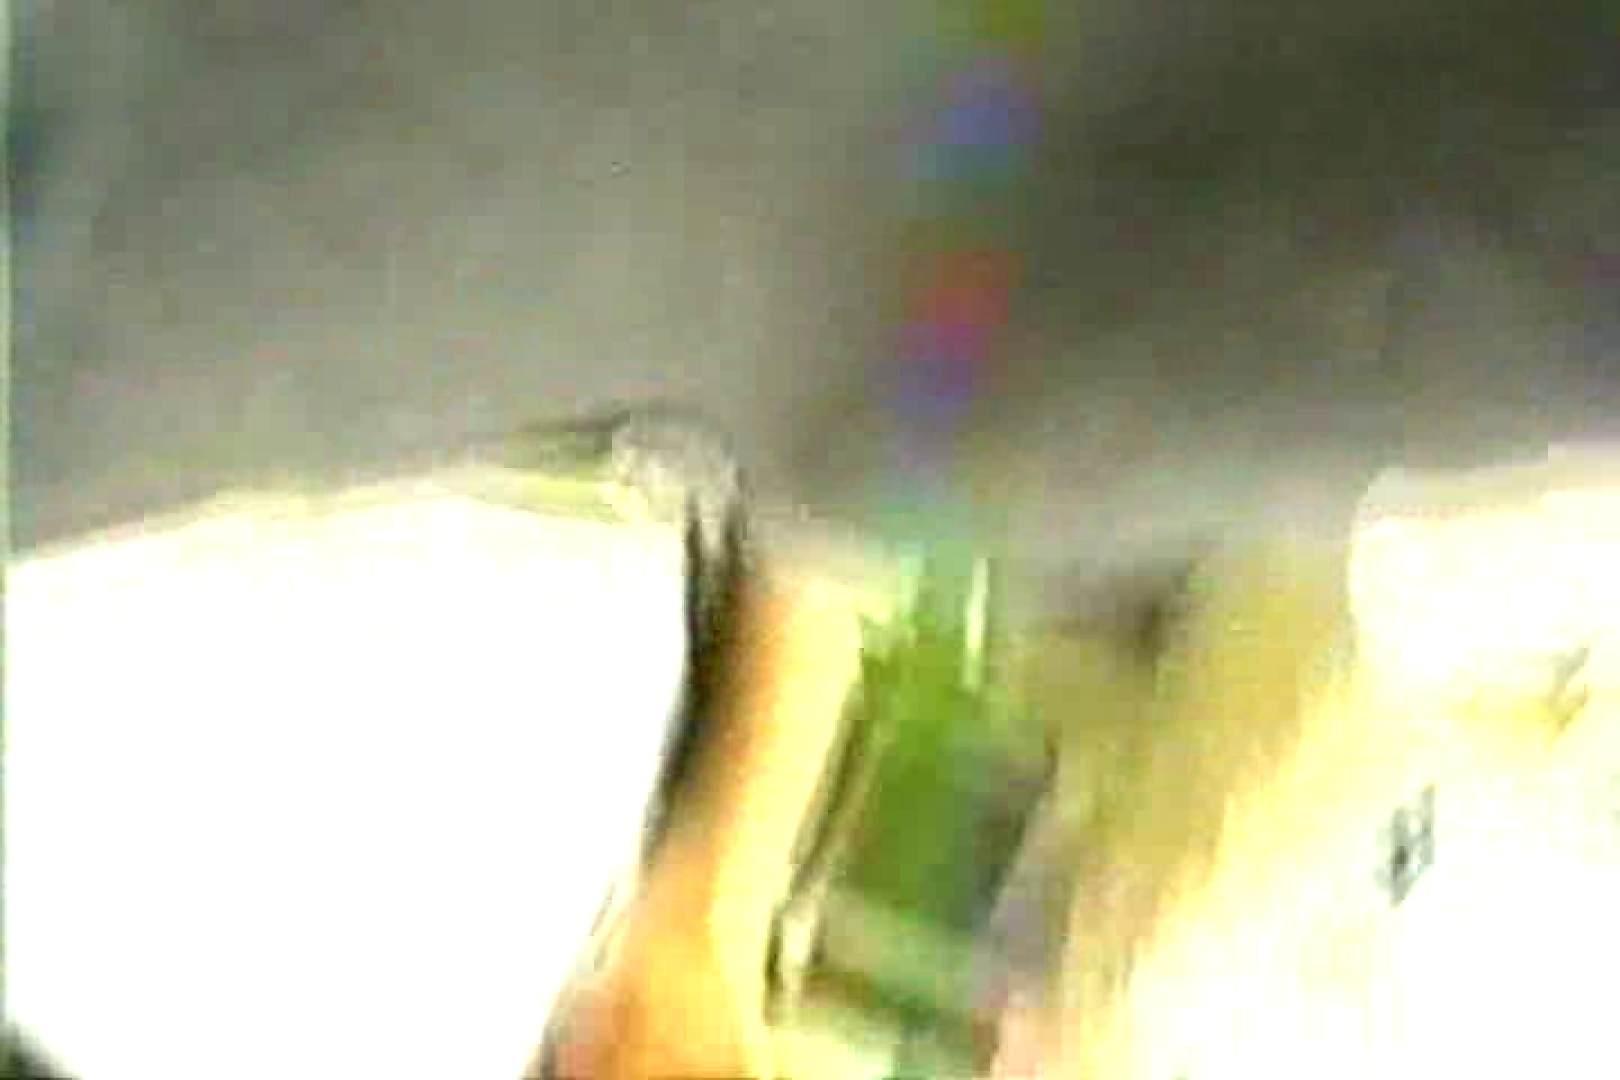 「ちくりん」さんのオリジナル未編集パンチラVol.9_02 パンチラ  85枚 17